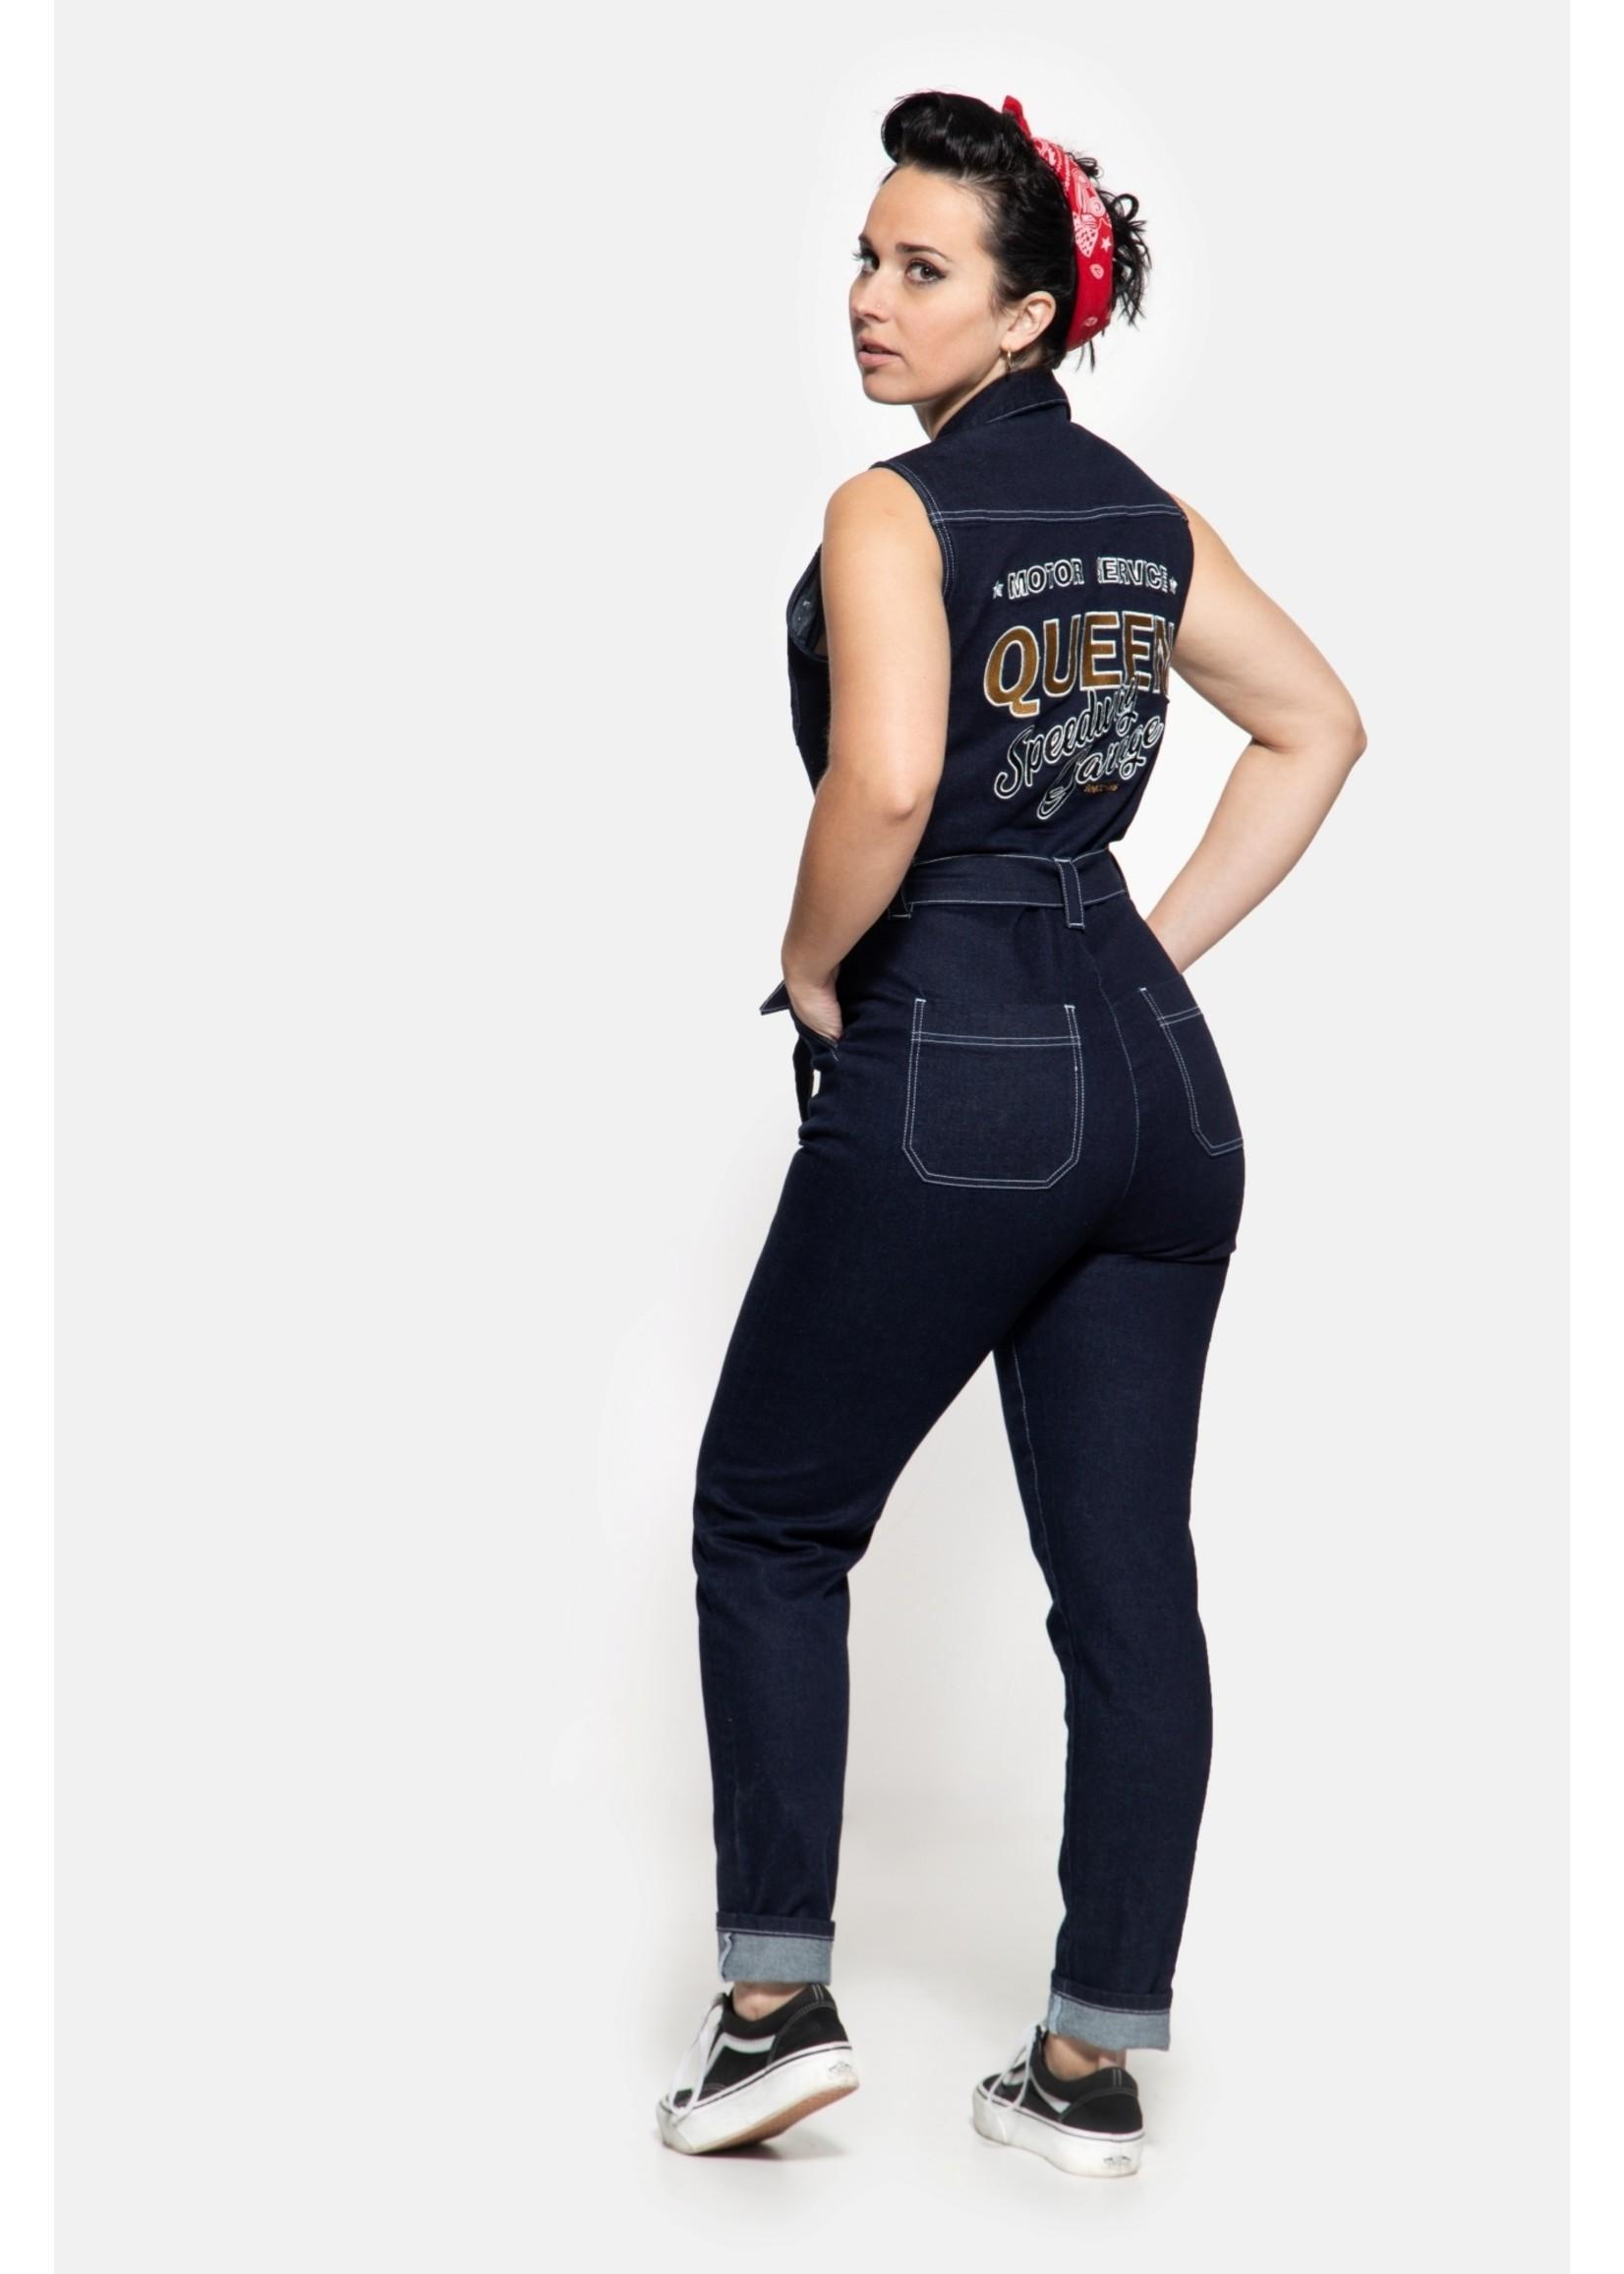 Queen Kerosin Queen Kerosin Workwear Overall Speedway Garage in Dark Blue